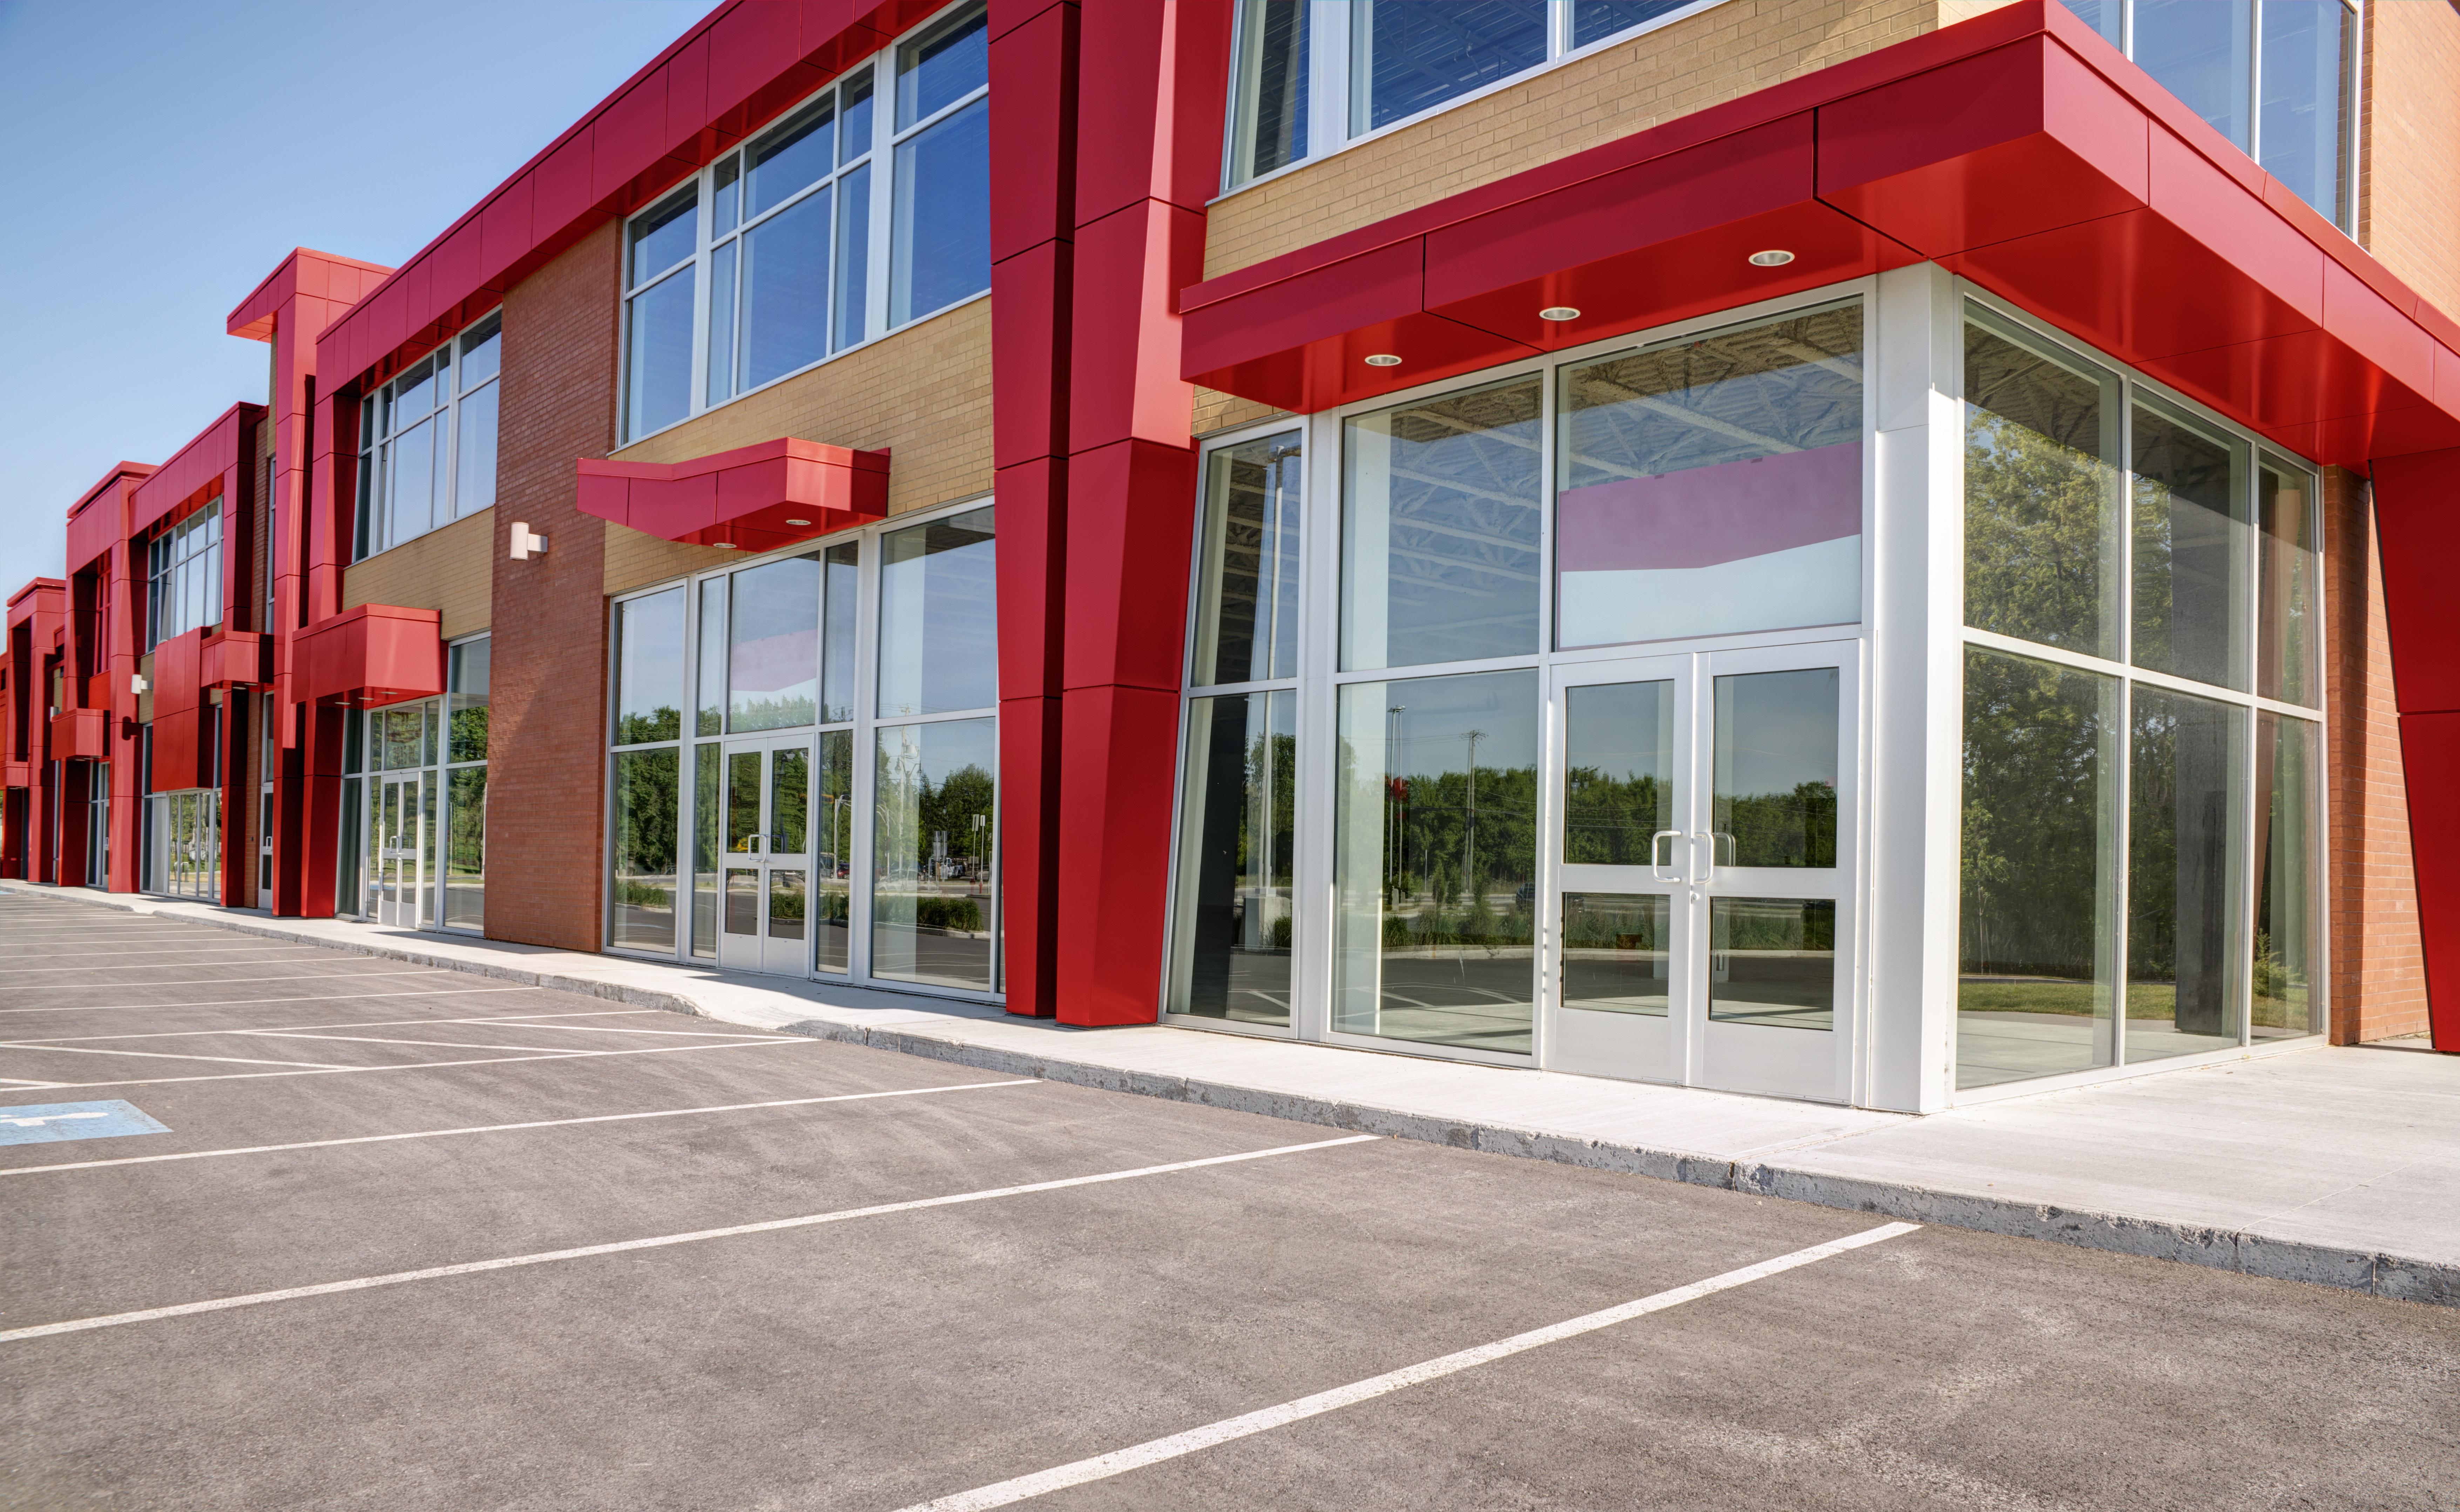 Byggnad med röd fasad och stora fönster